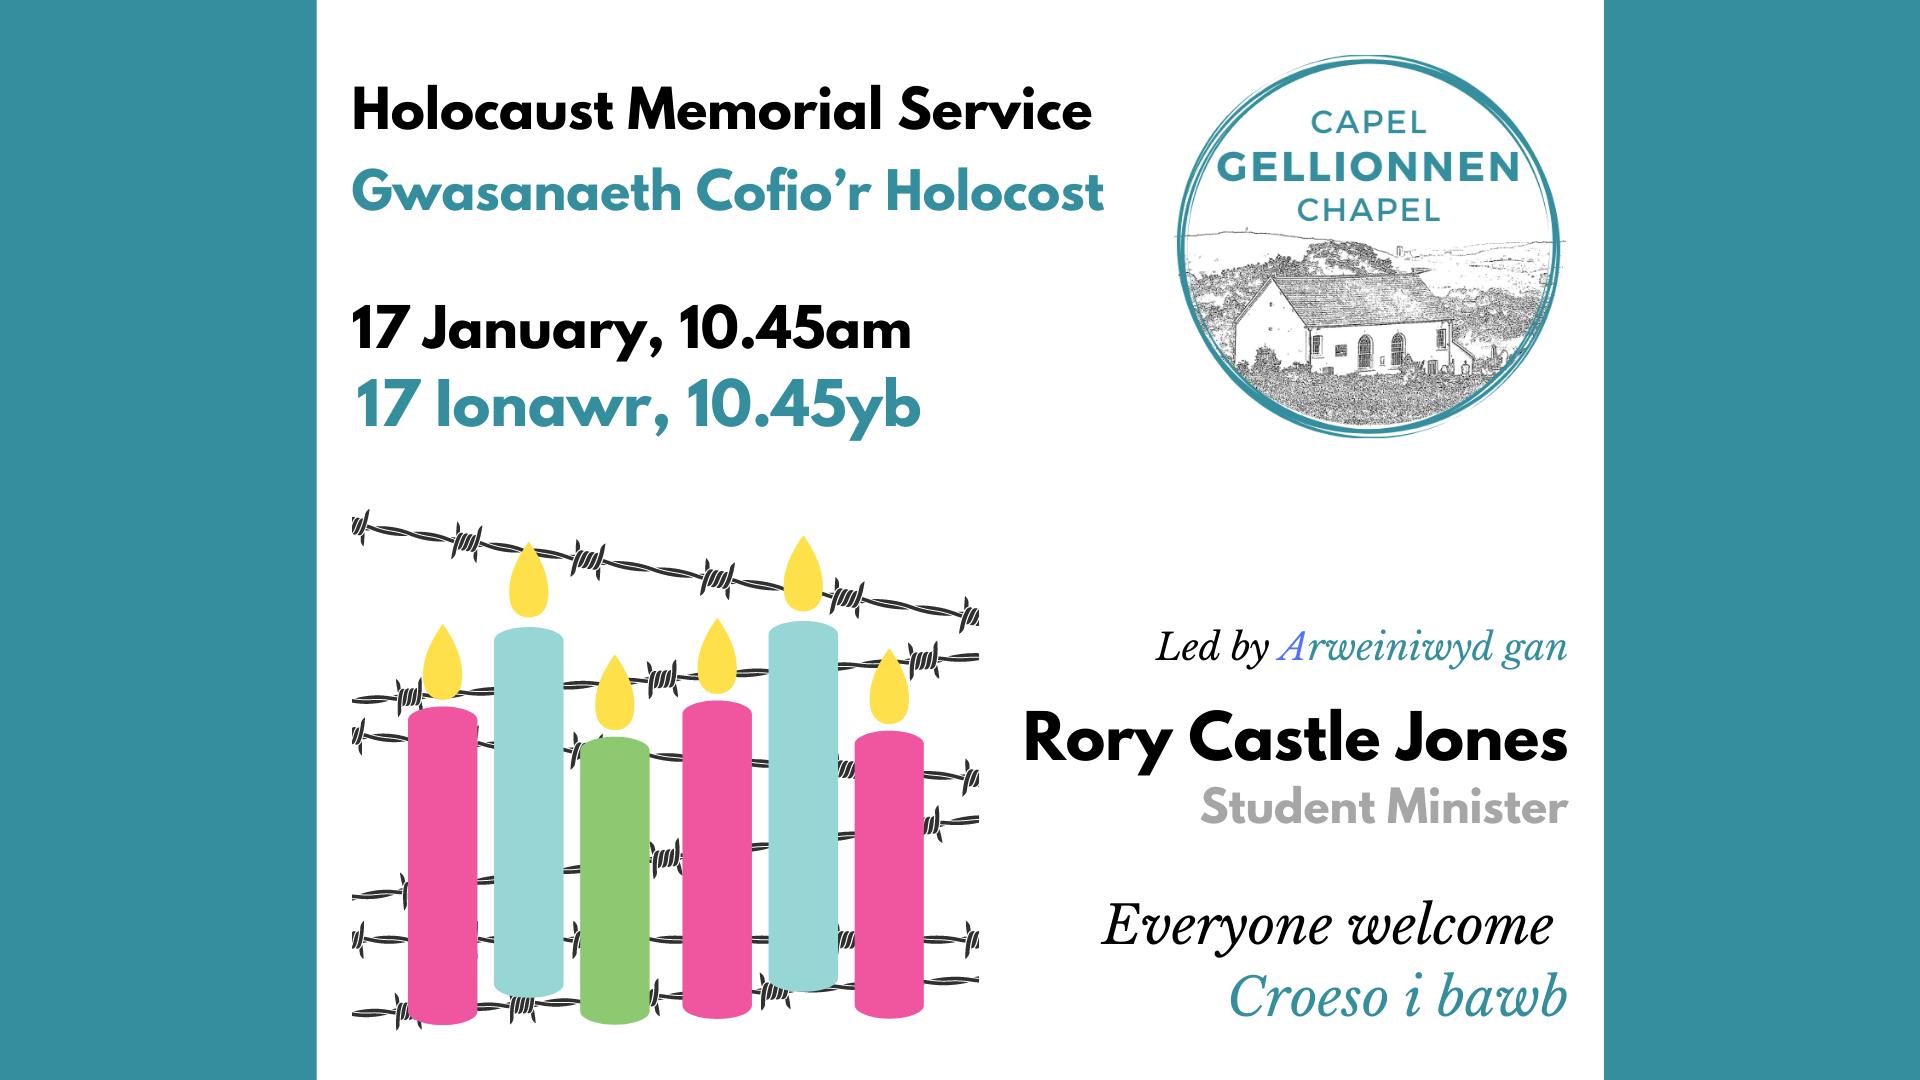 Holocaust Memorial Service / Gwasanaeth Cofio'r Holocost